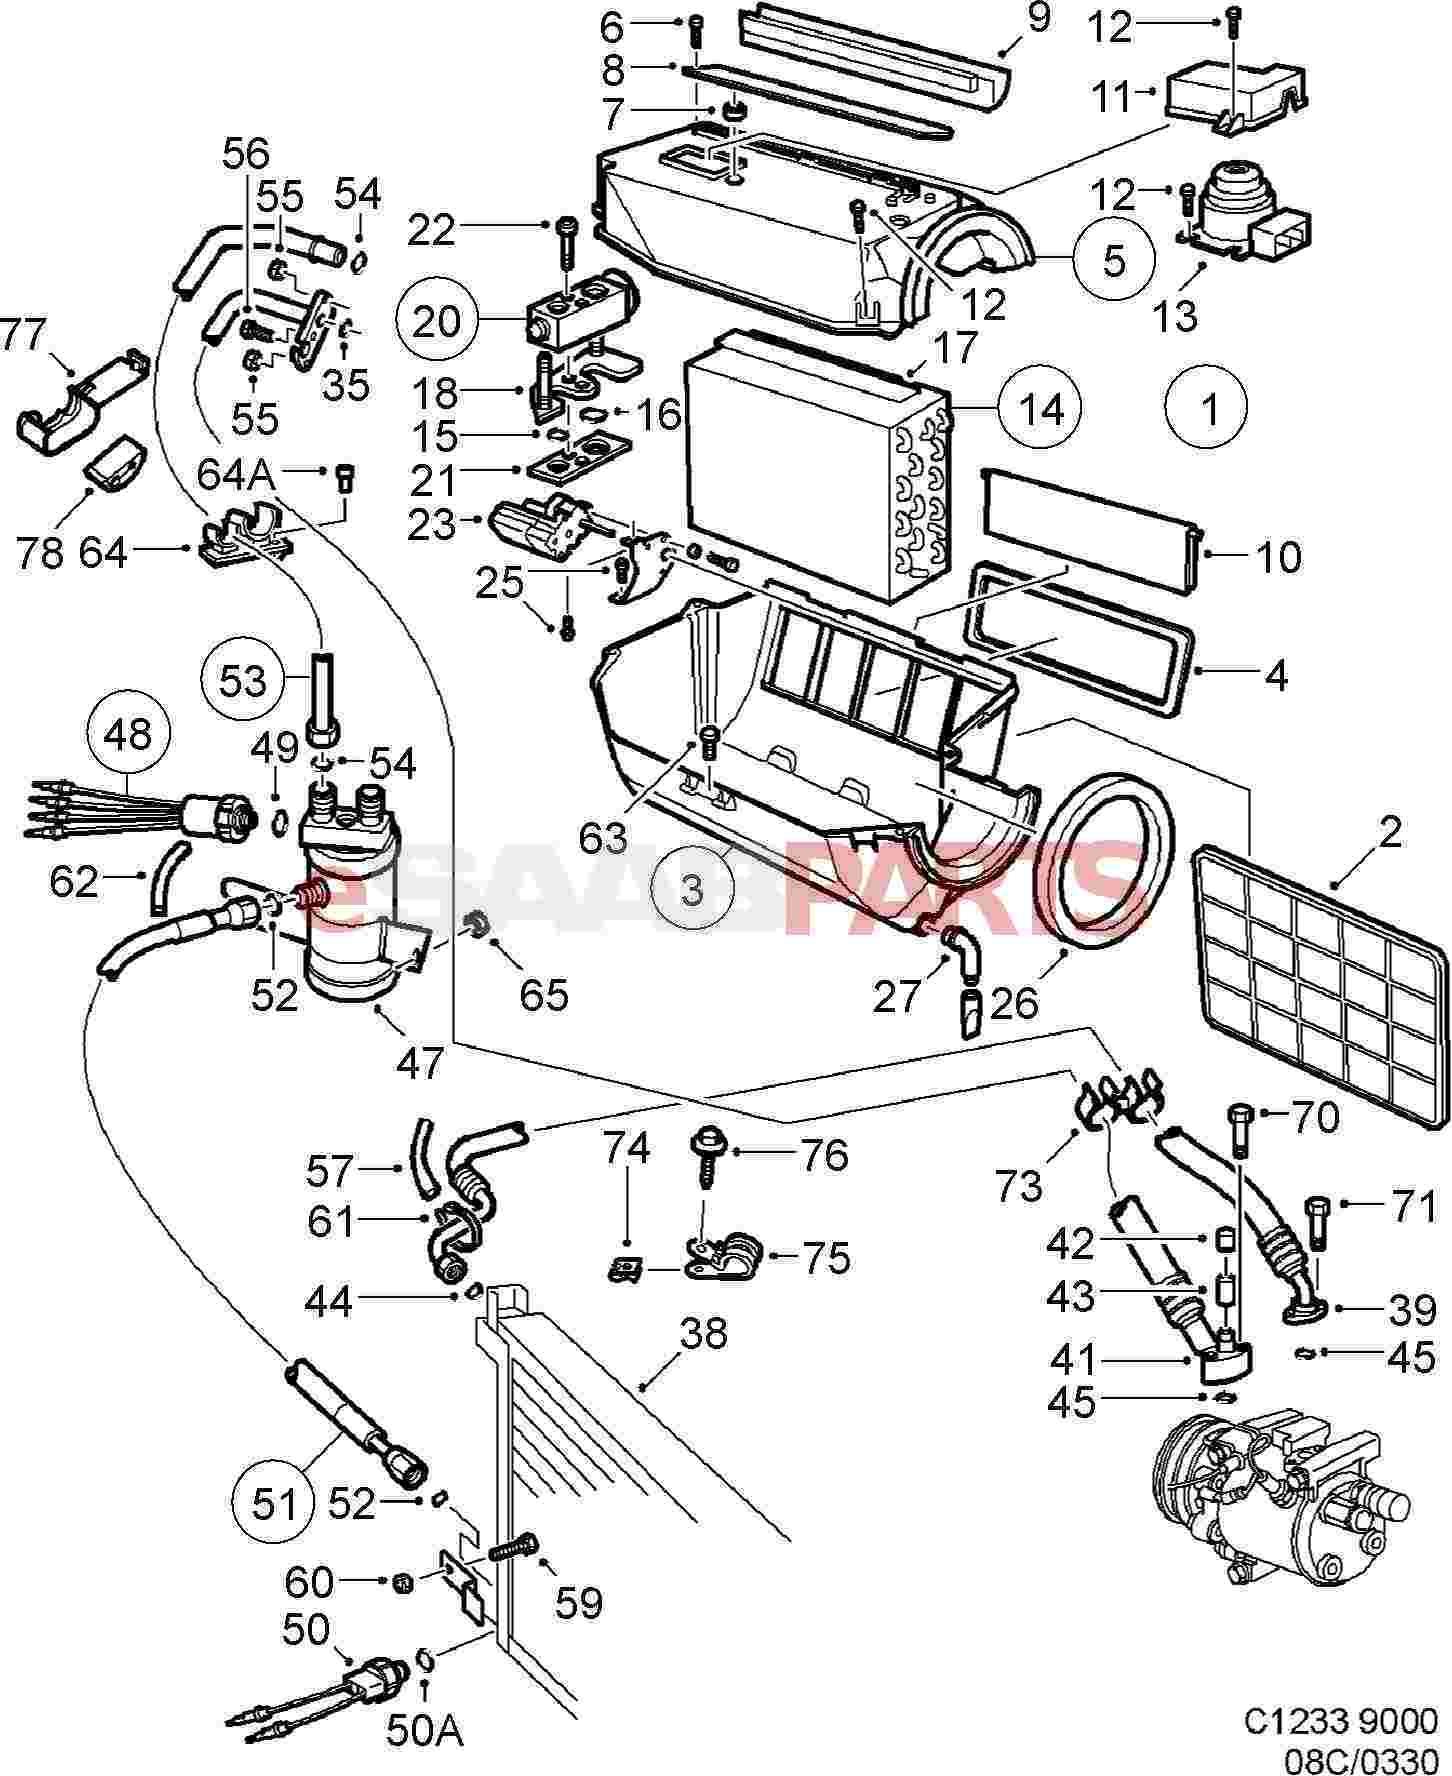 Genuine SAAB 9000 1992-1998 AC évaporateur Réservoir-Neuf-Prix Bas 4383584